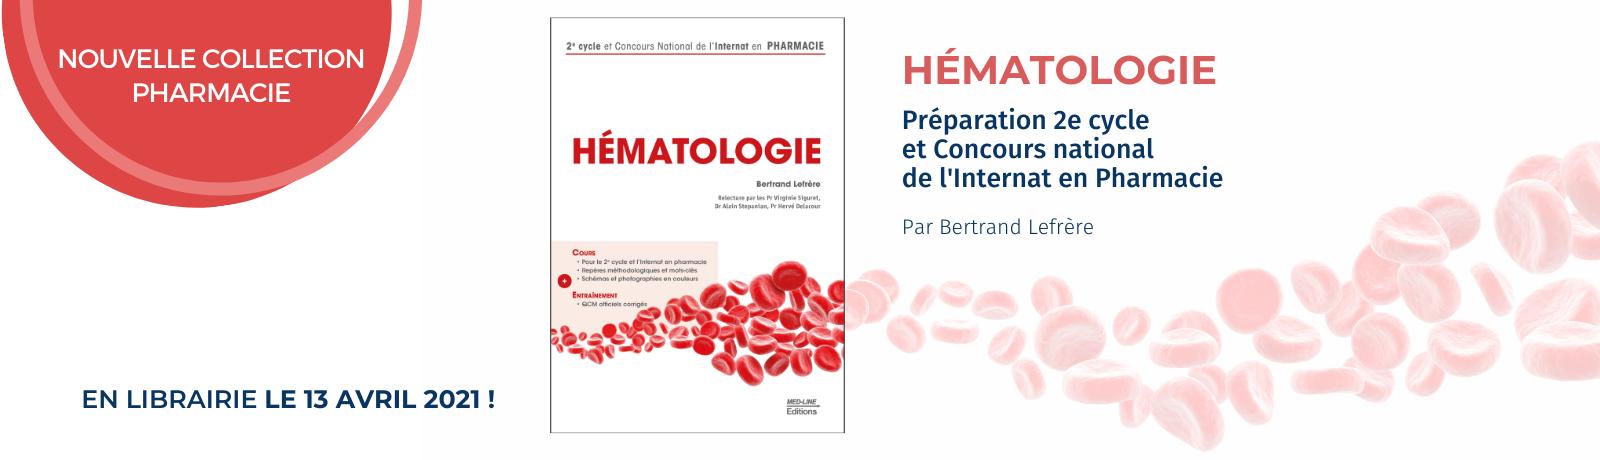 Nouveau Livre Hématologie